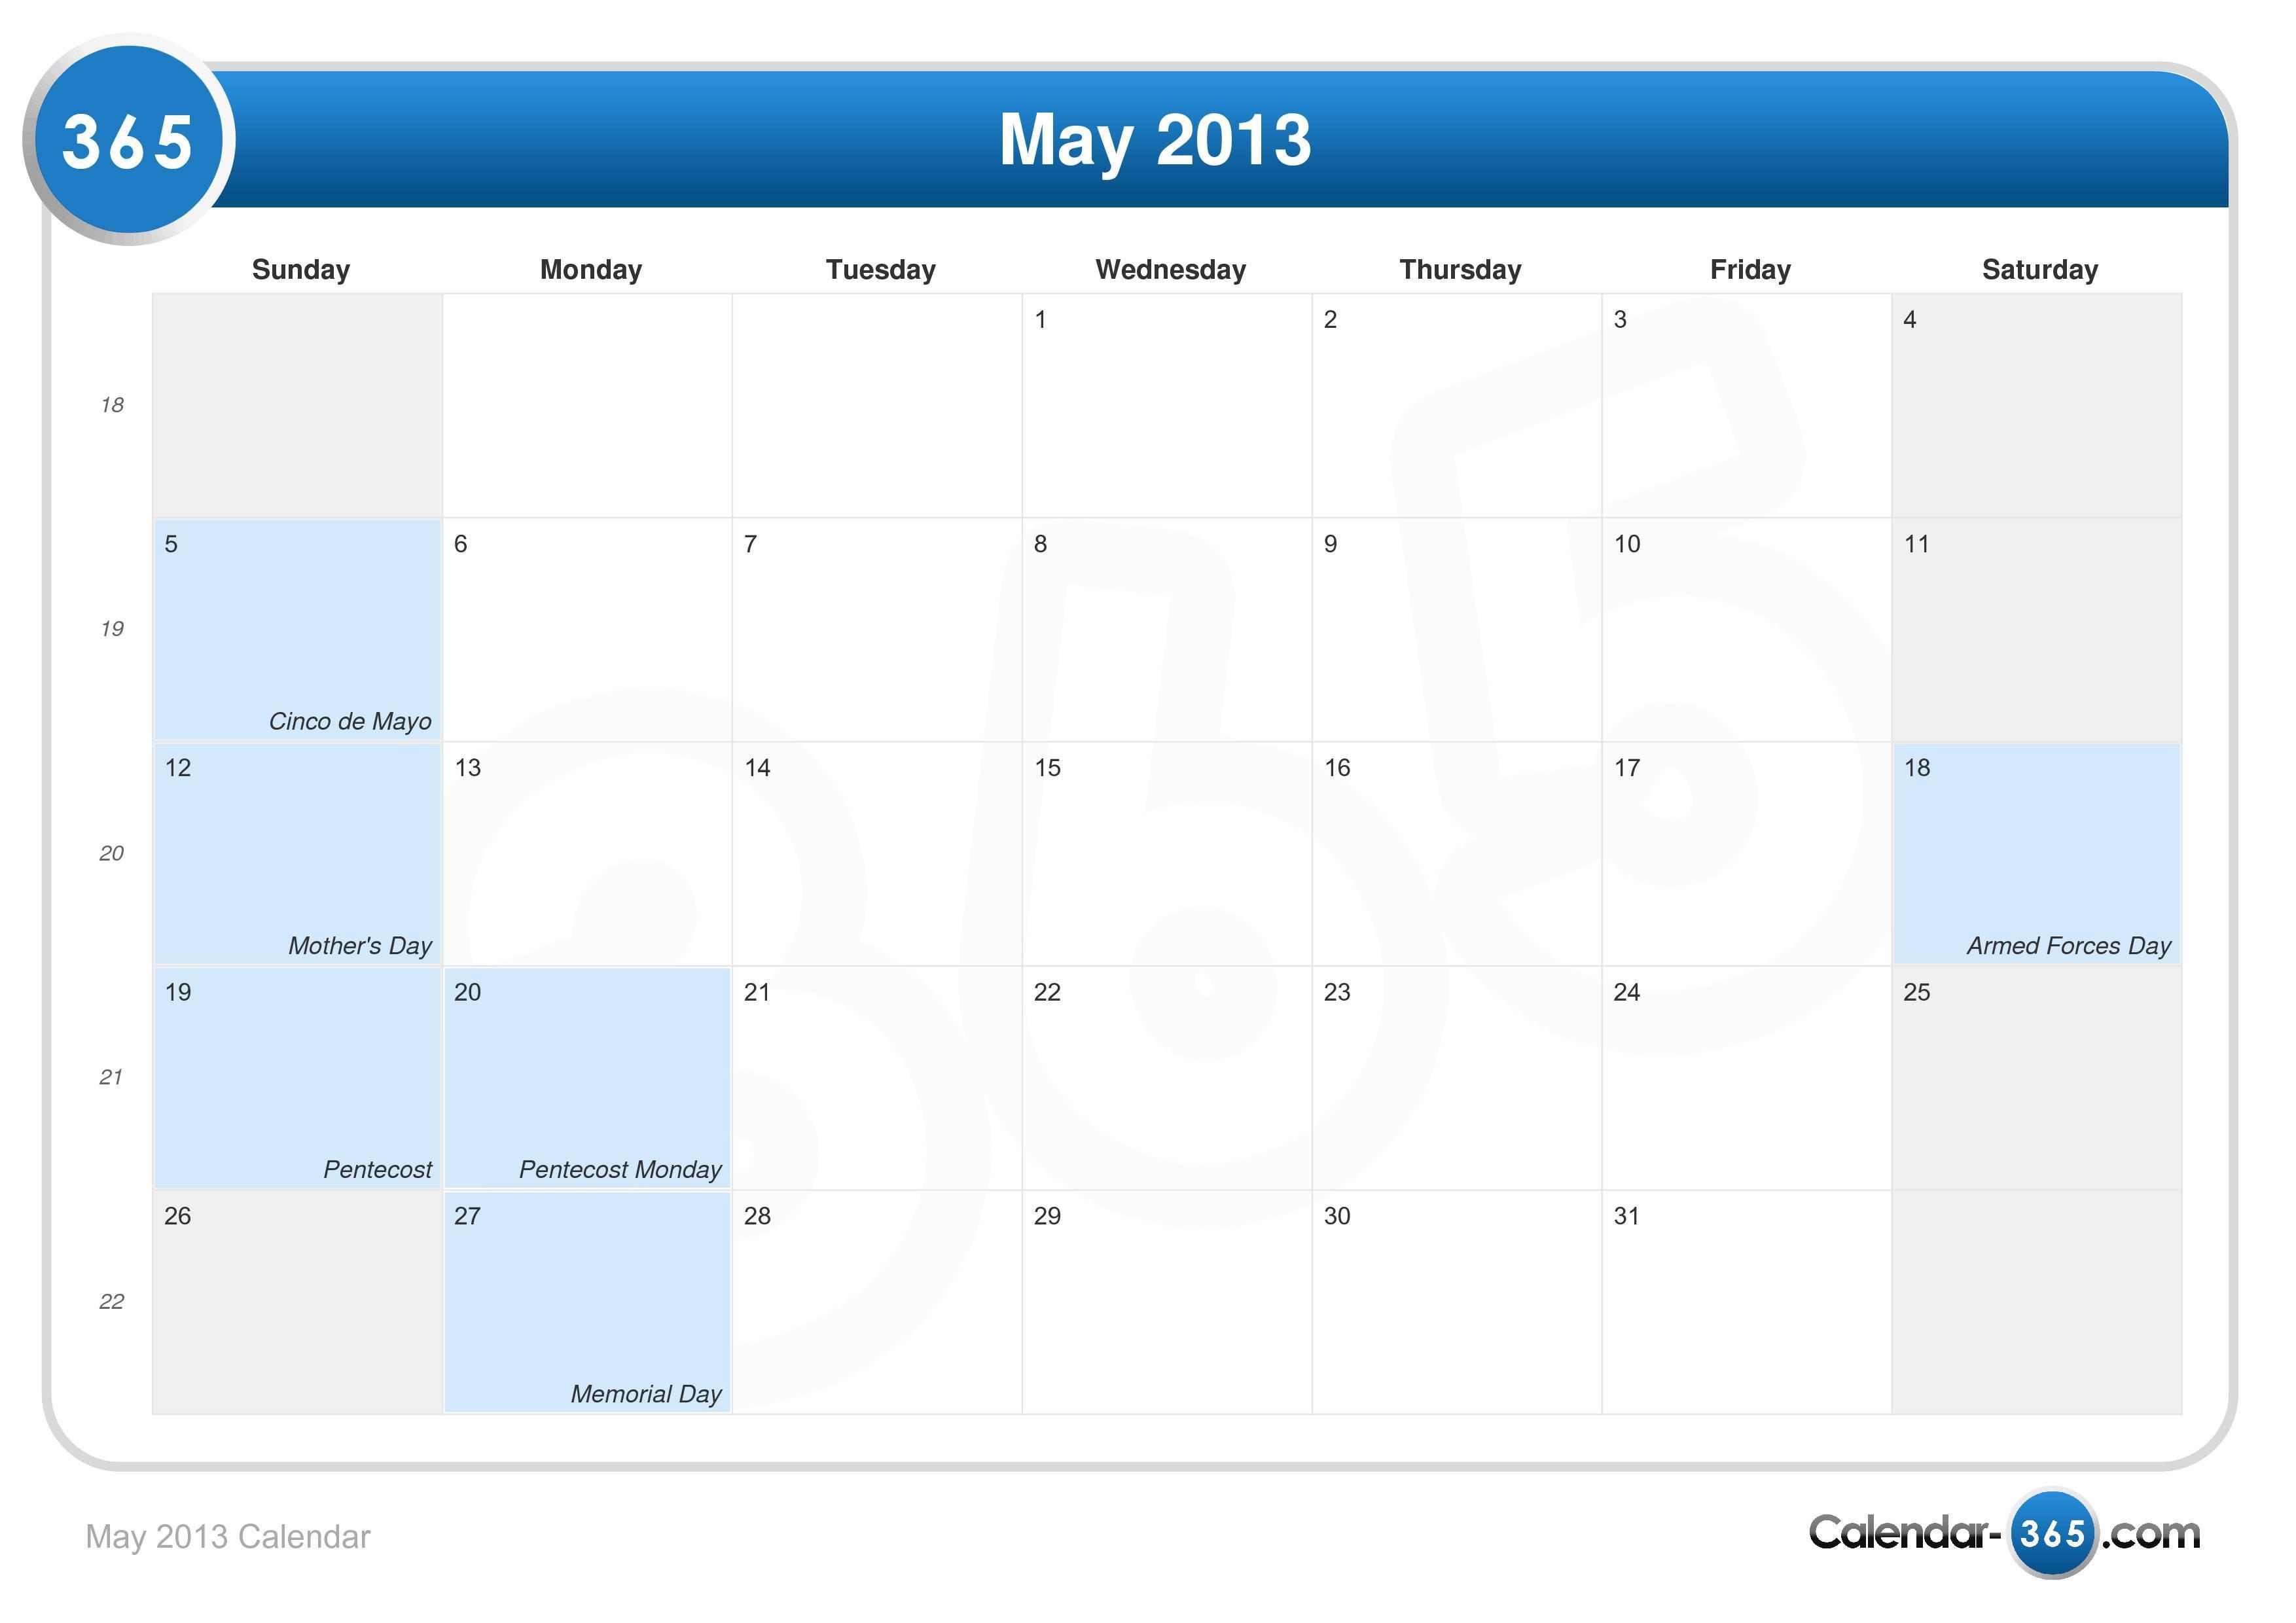 Calendar May 2013 : May calendar